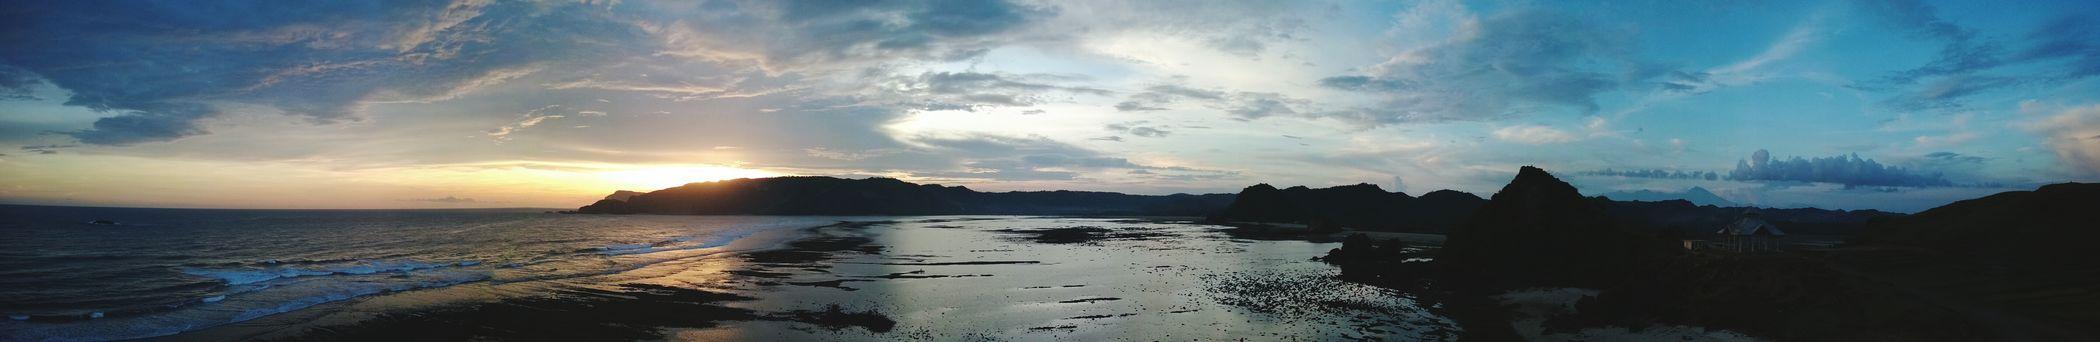 Travel Sea Beach Sunset INDONESIA Panoramashot